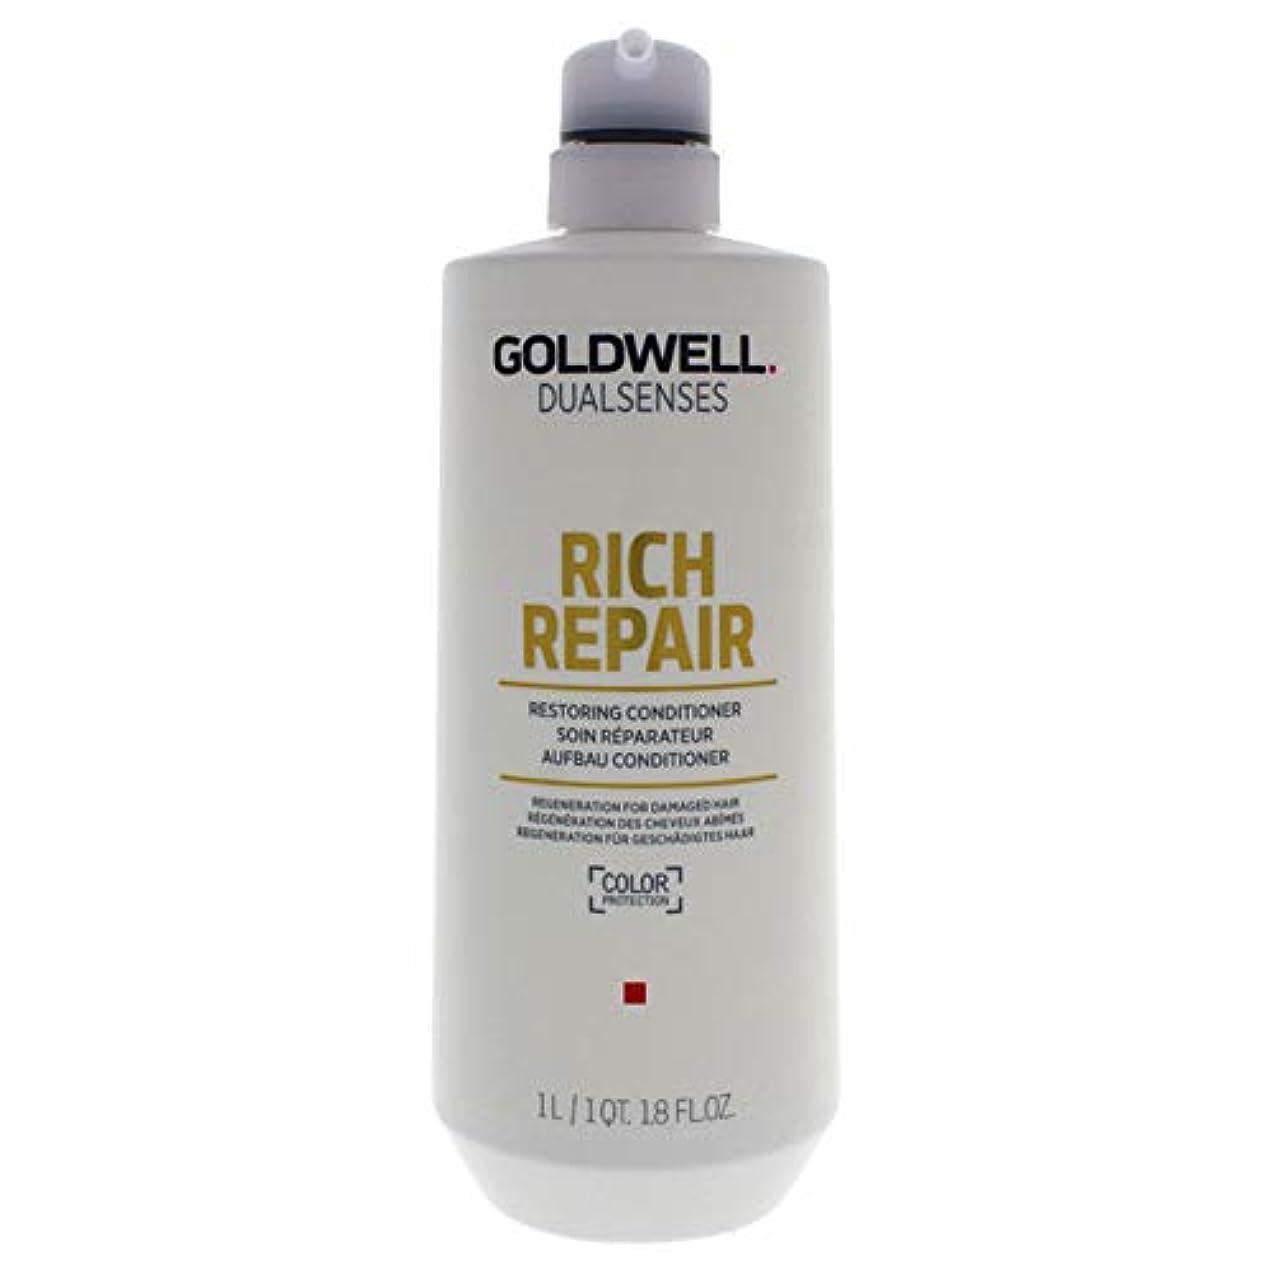 北東受け入れる糸ゴールドウェル Dual Senses Rich Repair Restoring Conditioner (Regeneration For Damaged Hair) 1000ml